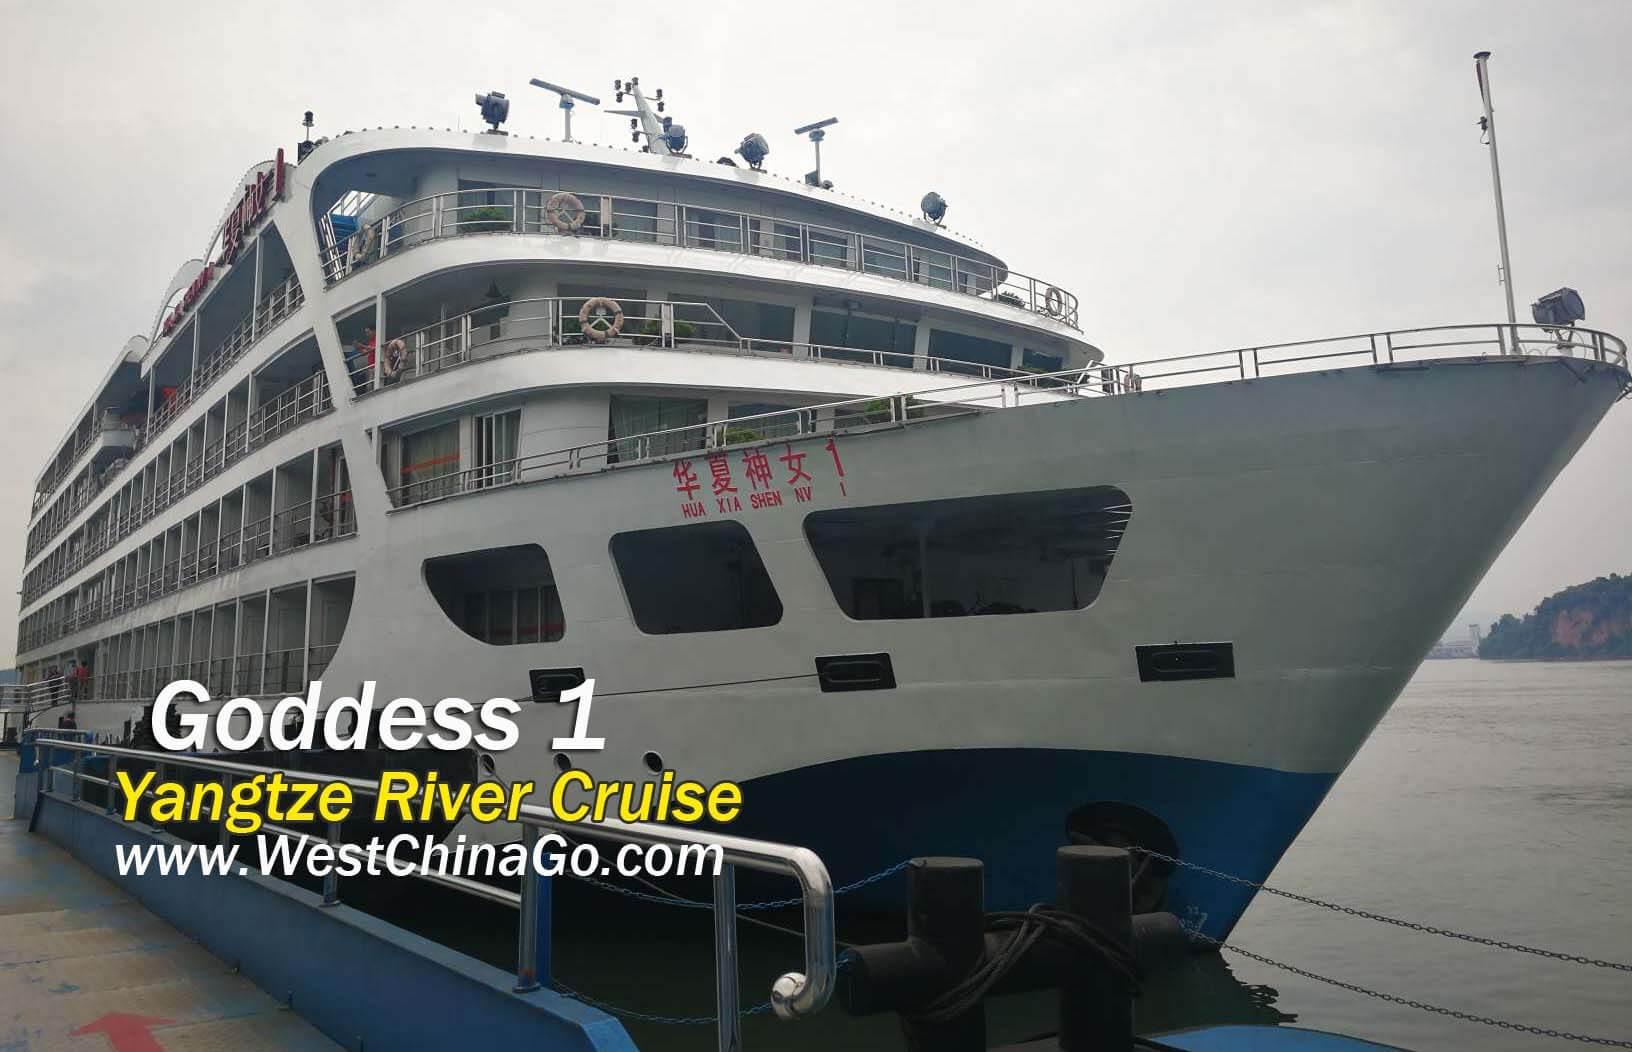 Yangtze River Cruise Goddess 1